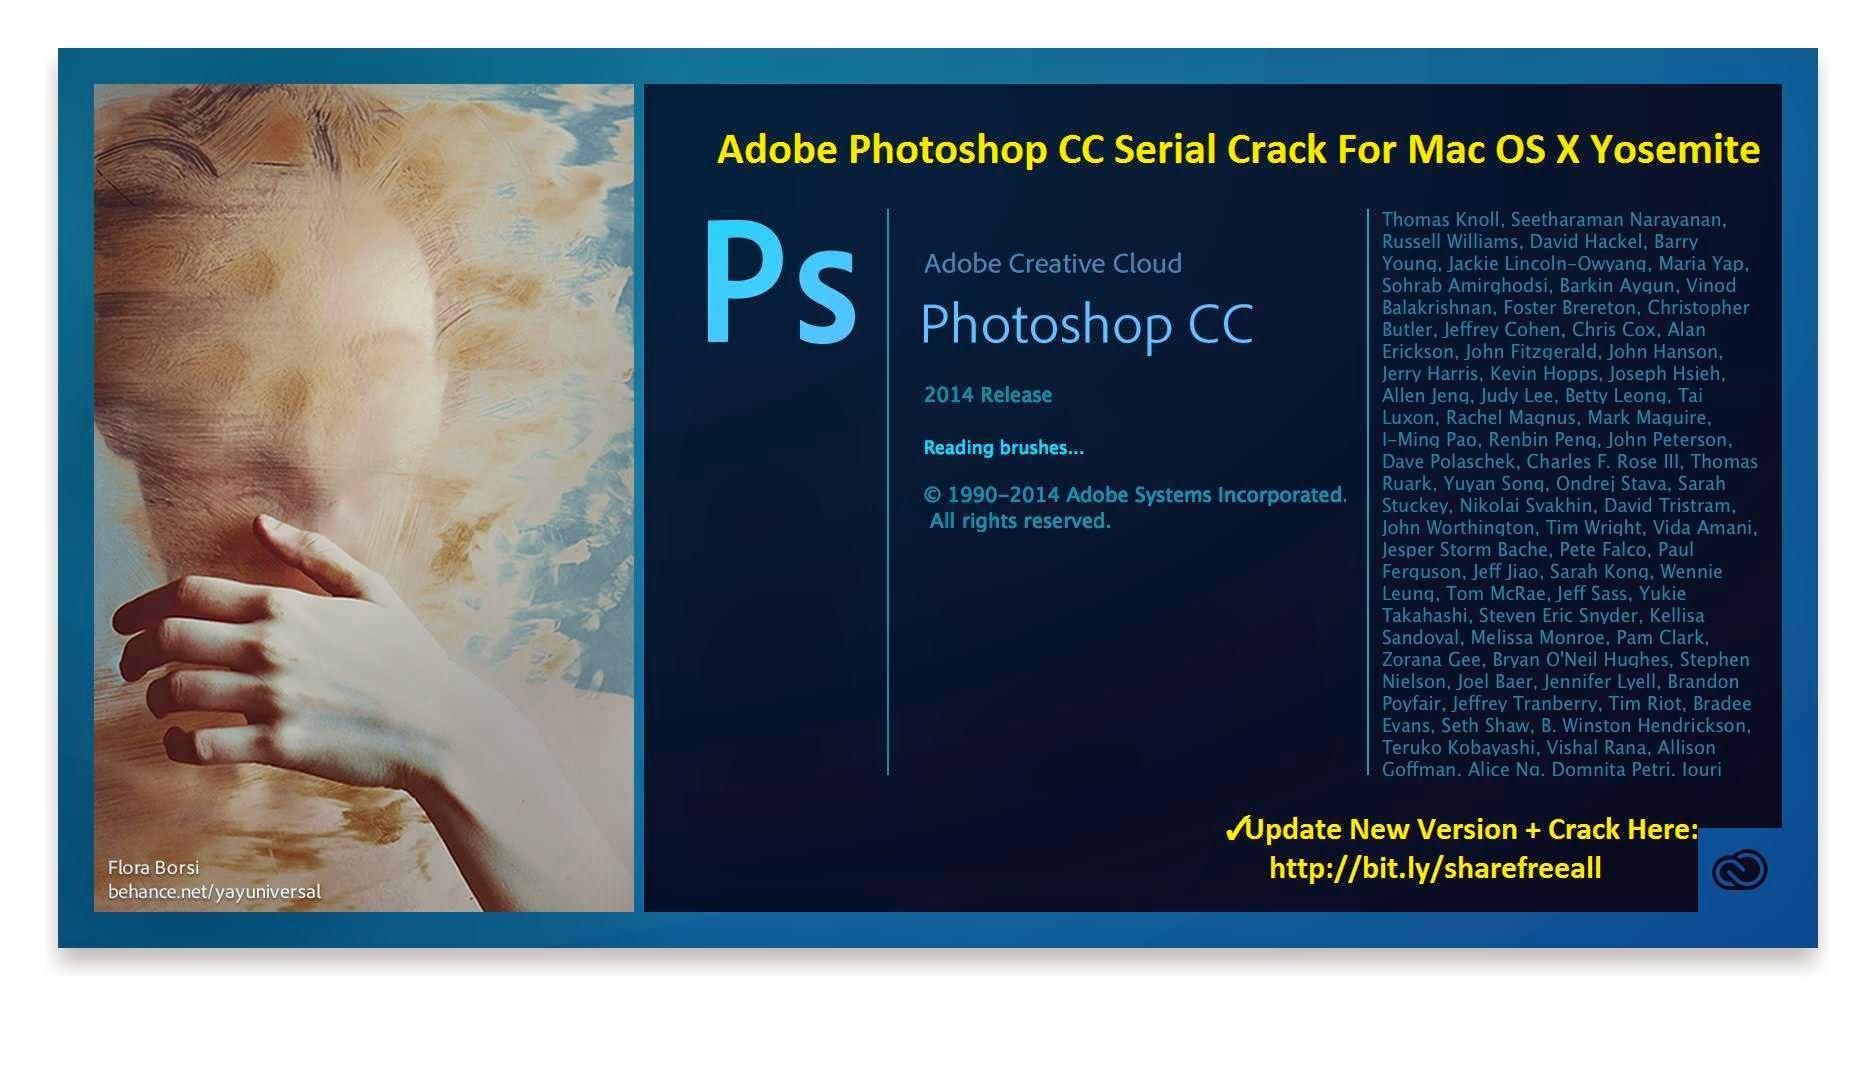 Adobe photoshop cs6 mac crack kickass - over-blog com